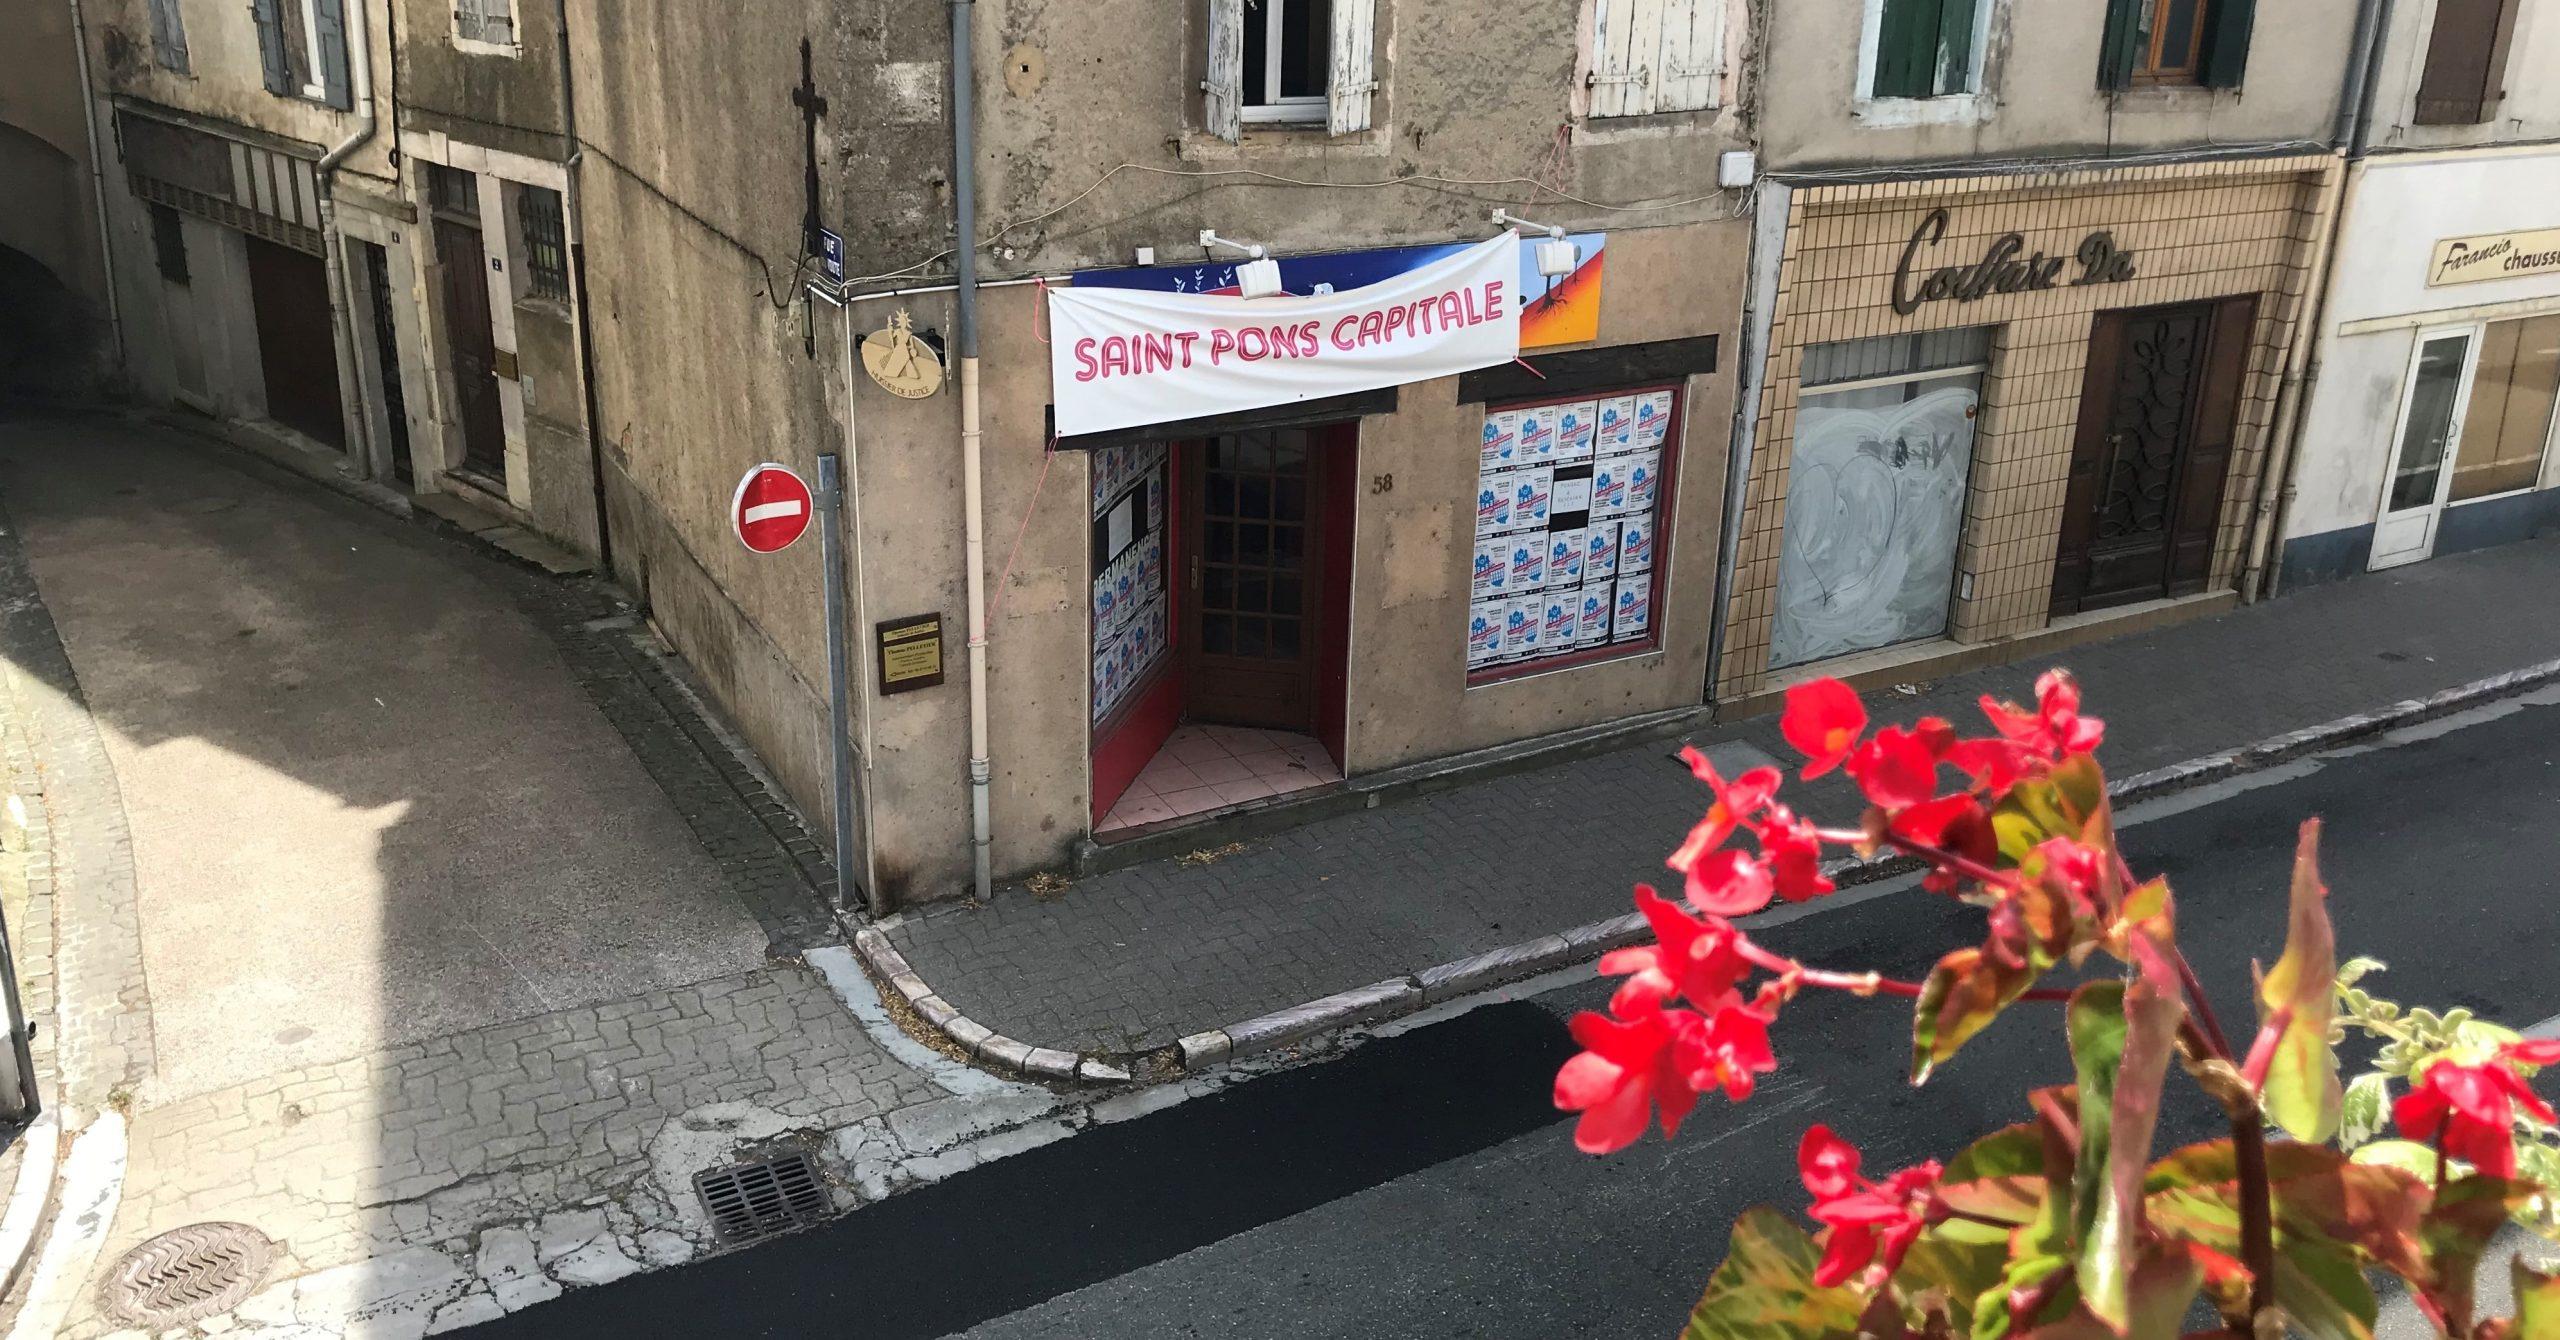 saint pons capitale occitanie tourisme imaginaire